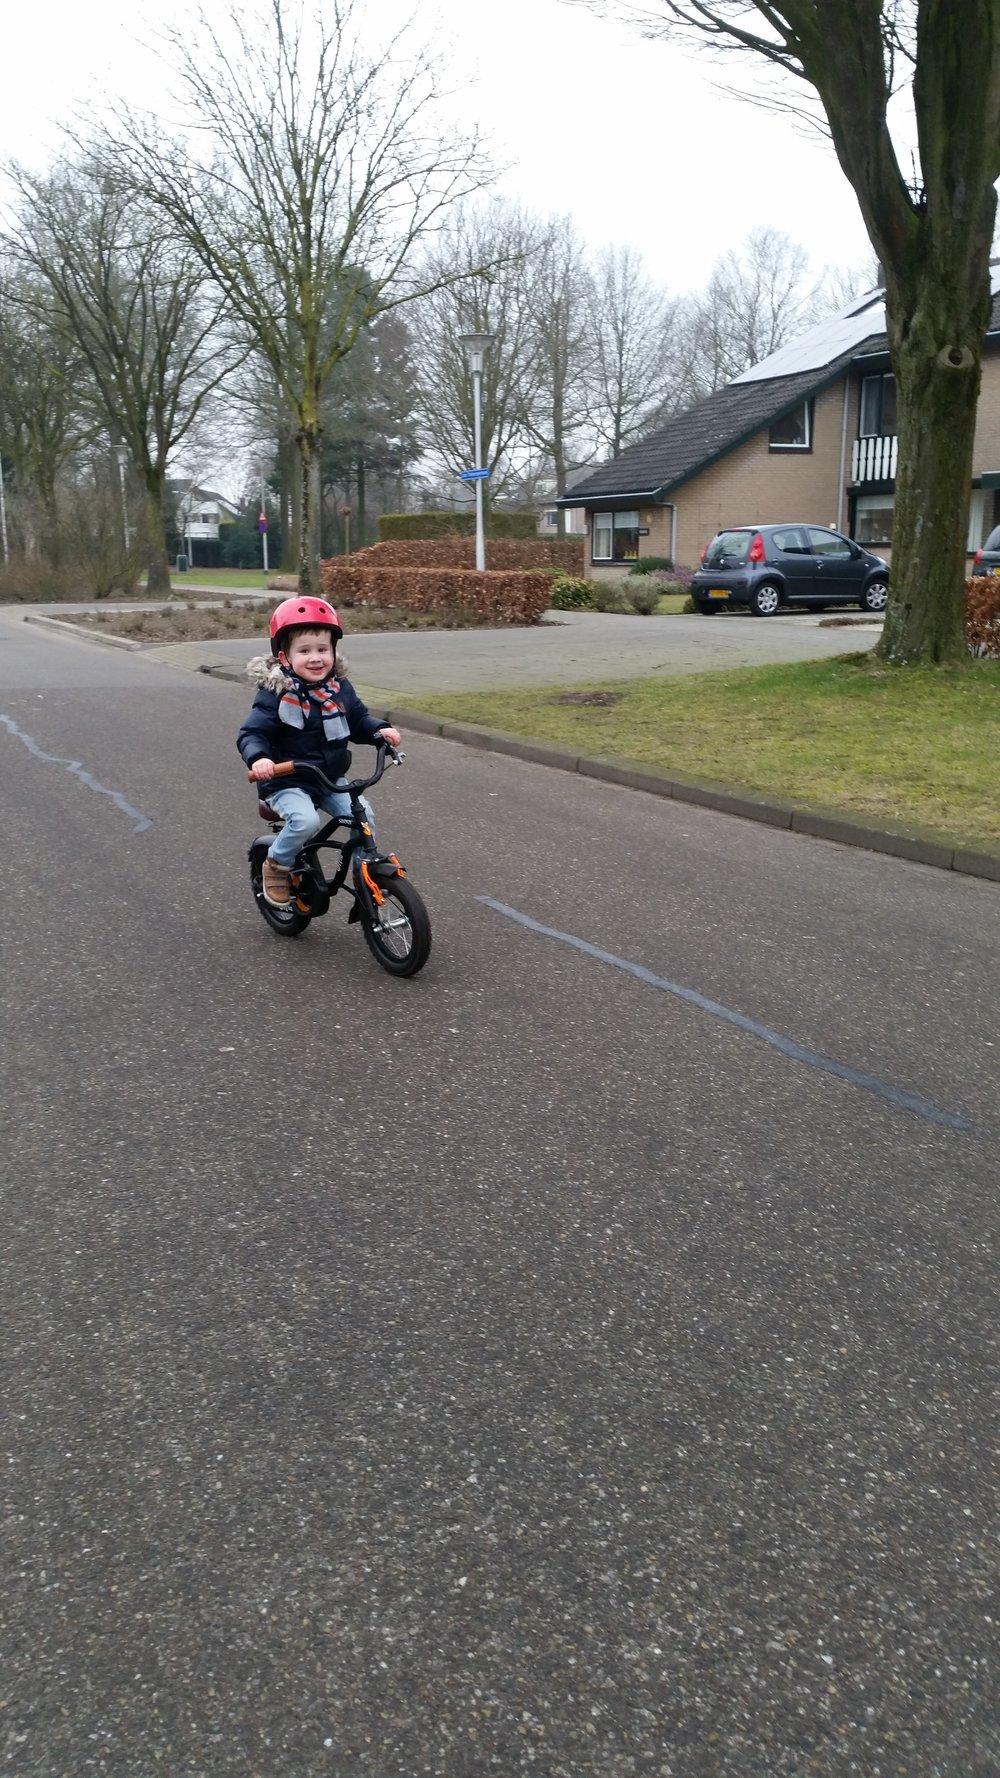 Hij fietst!!!! Dankzij de loopfiets ging het leren fietsen van James een stuk makkelijker dan bij Julie. We moeten nog een beetje oefenen met opstappen en wegfietsen, maar remmen is onder de knie! #trotsopmijnmannetje